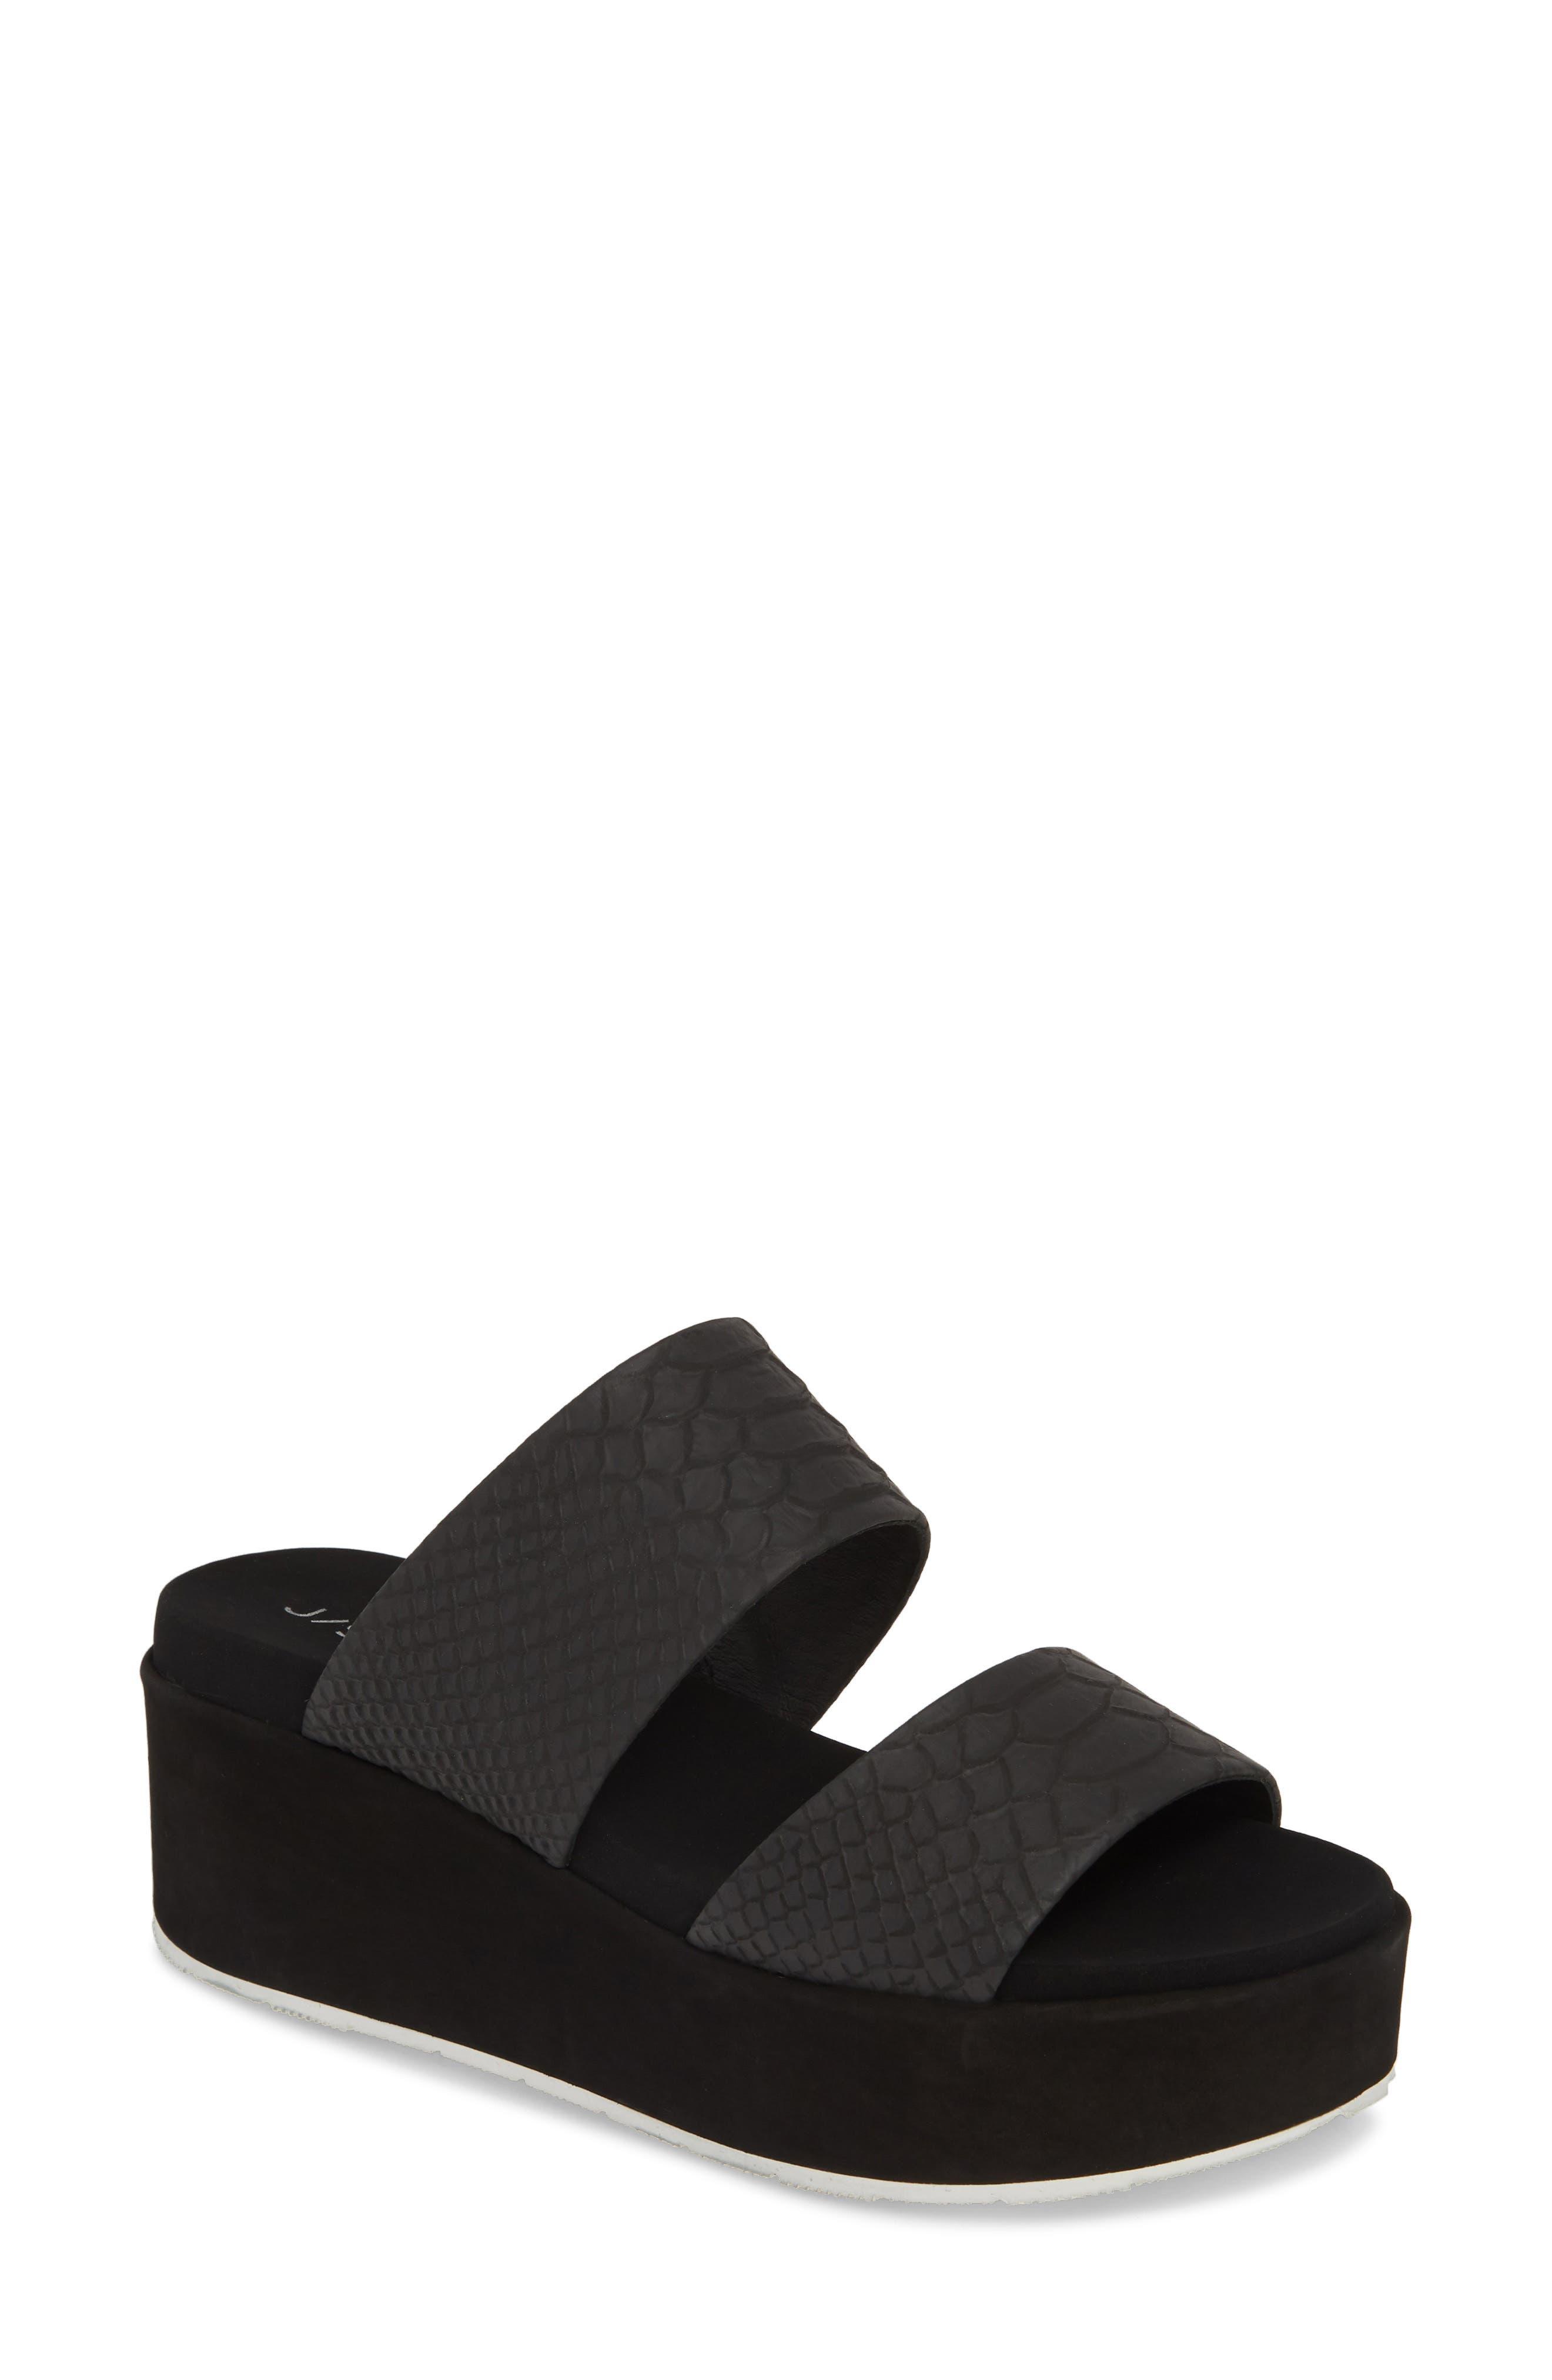 Jslides Quincy Wedge Platform Sandal- Black